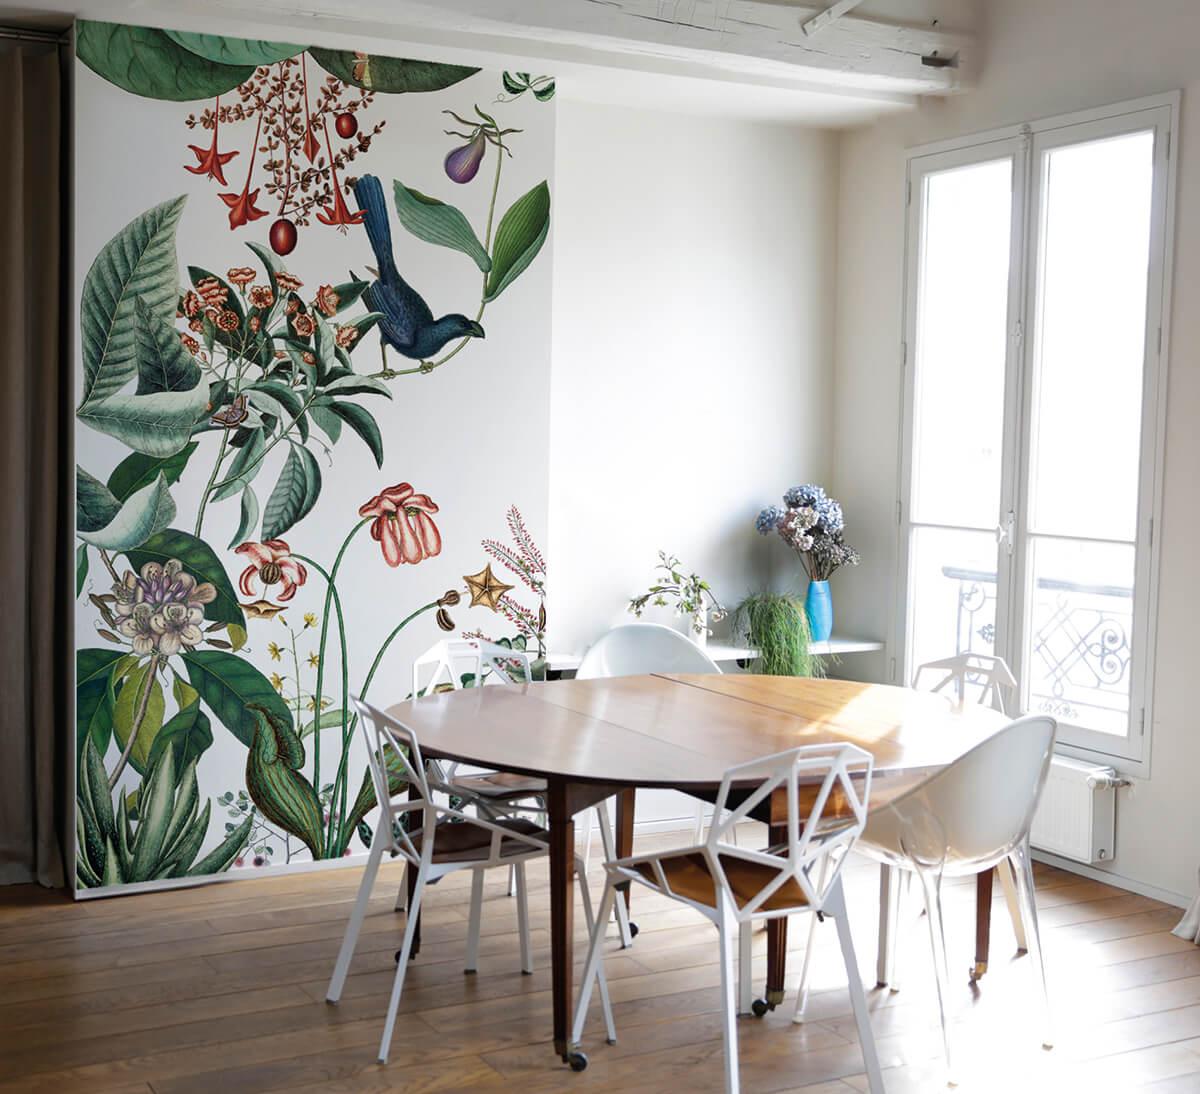 bahamas le nouveau papier peint floral sign bien fait frenchy fancy. Black Bedroom Furniture Sets. Home Design Ideas